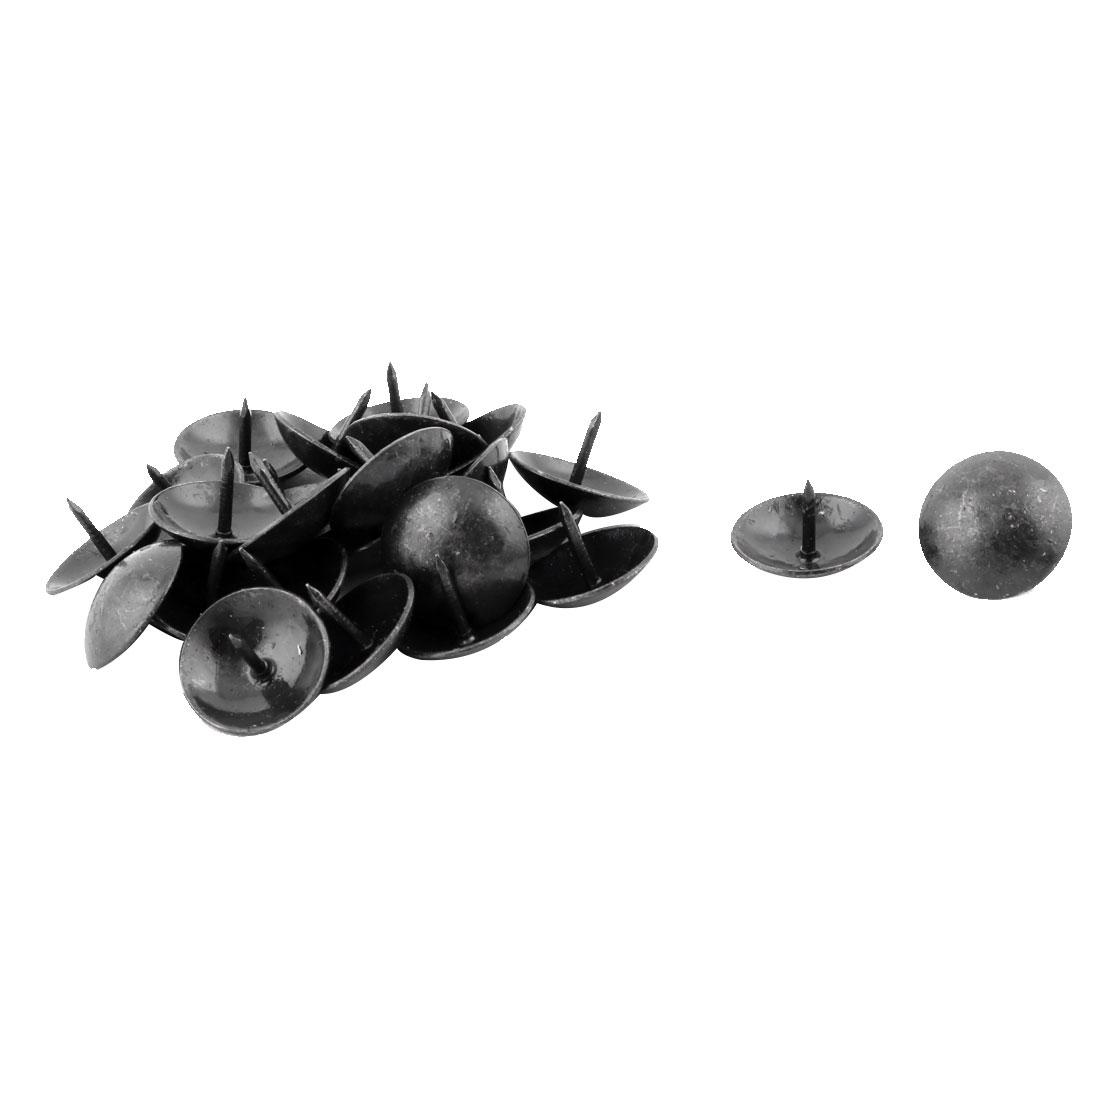 Home Table Metal Round Cap Upholstery Decor Thumb Tack Nail Pushpin Black 19 x 13mm 25pcs